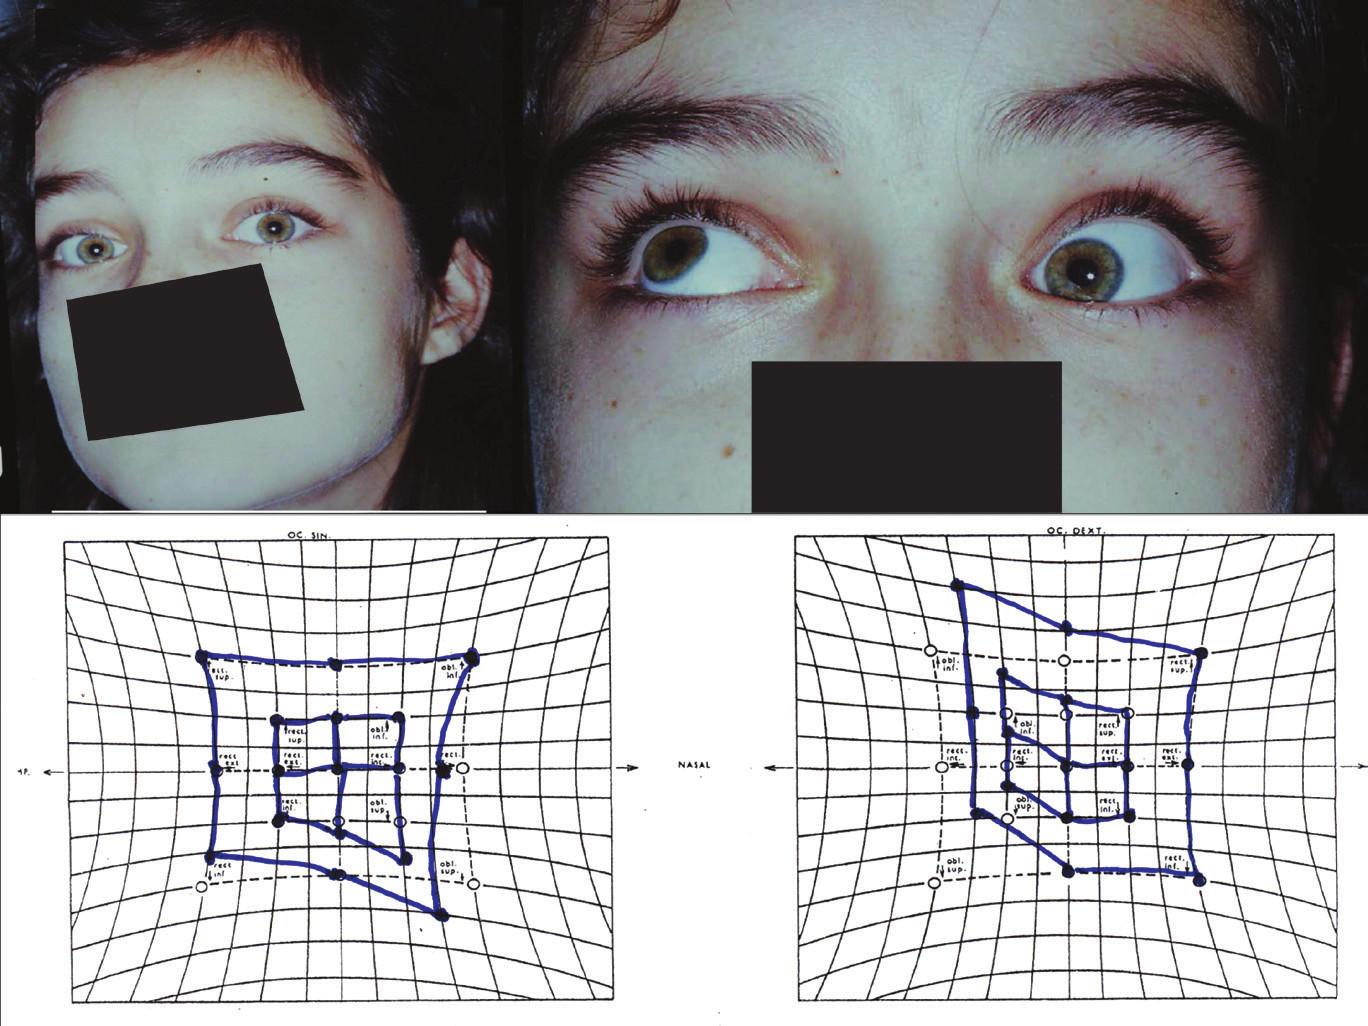 <b>Akutní Brownův syndrom vlevo</b>: Tortikolis doprava se zvednutím brady, porucha elevace s výraznou depresí při addukci vlevo a klasický obraz na Hessově plátně